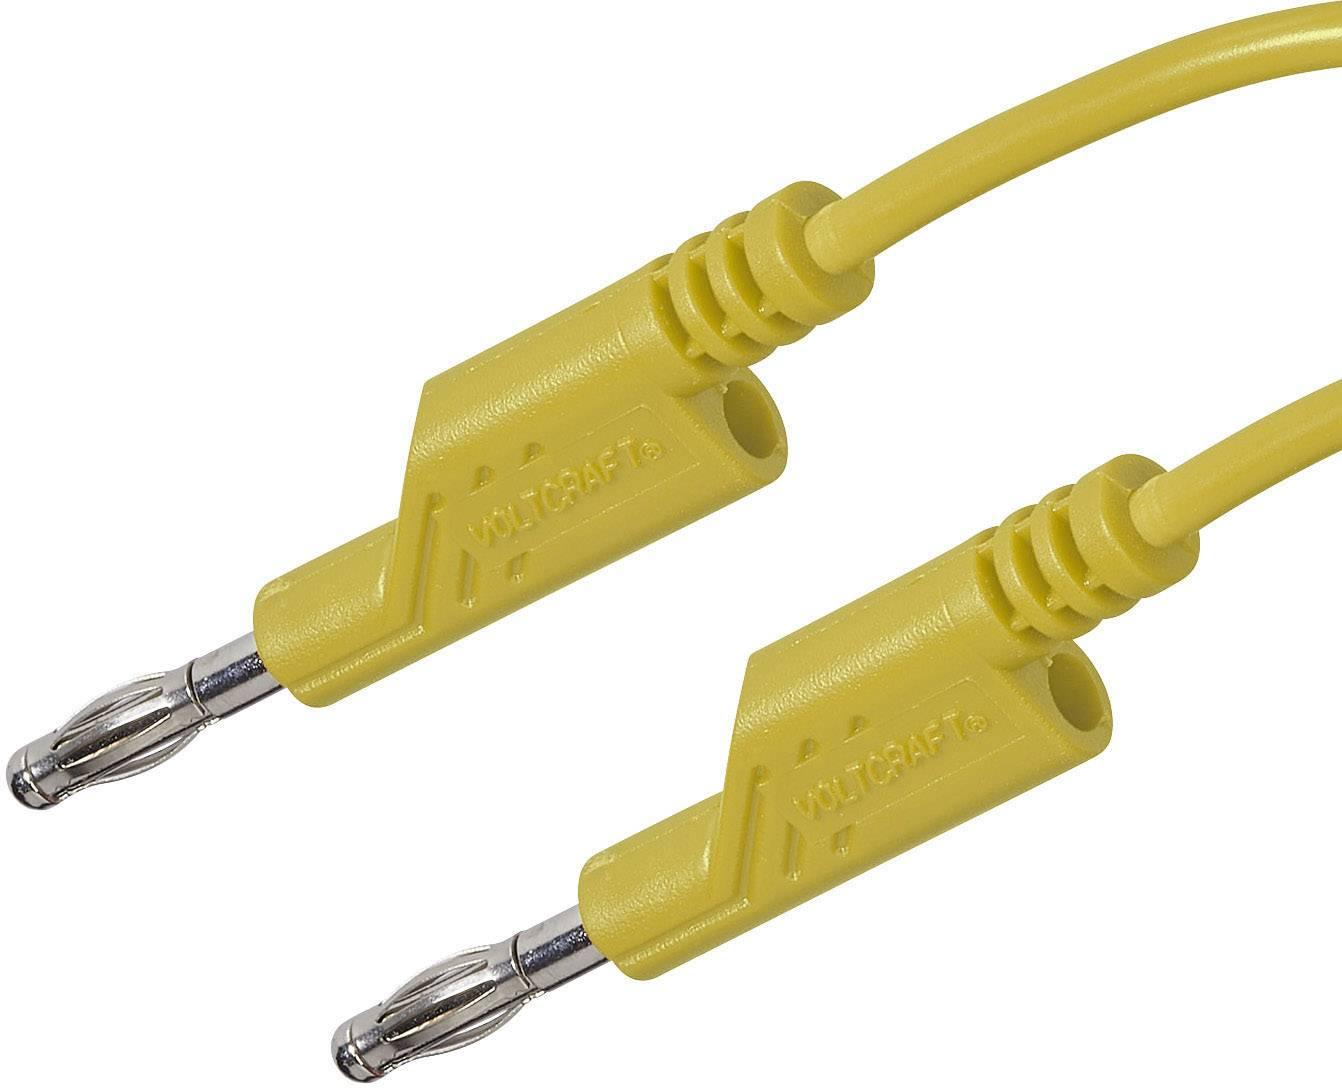 Sada měřicích kabelů banánek 4 mm ⇔ banánek 4 mm Voltcraft, 1 m, žlutá